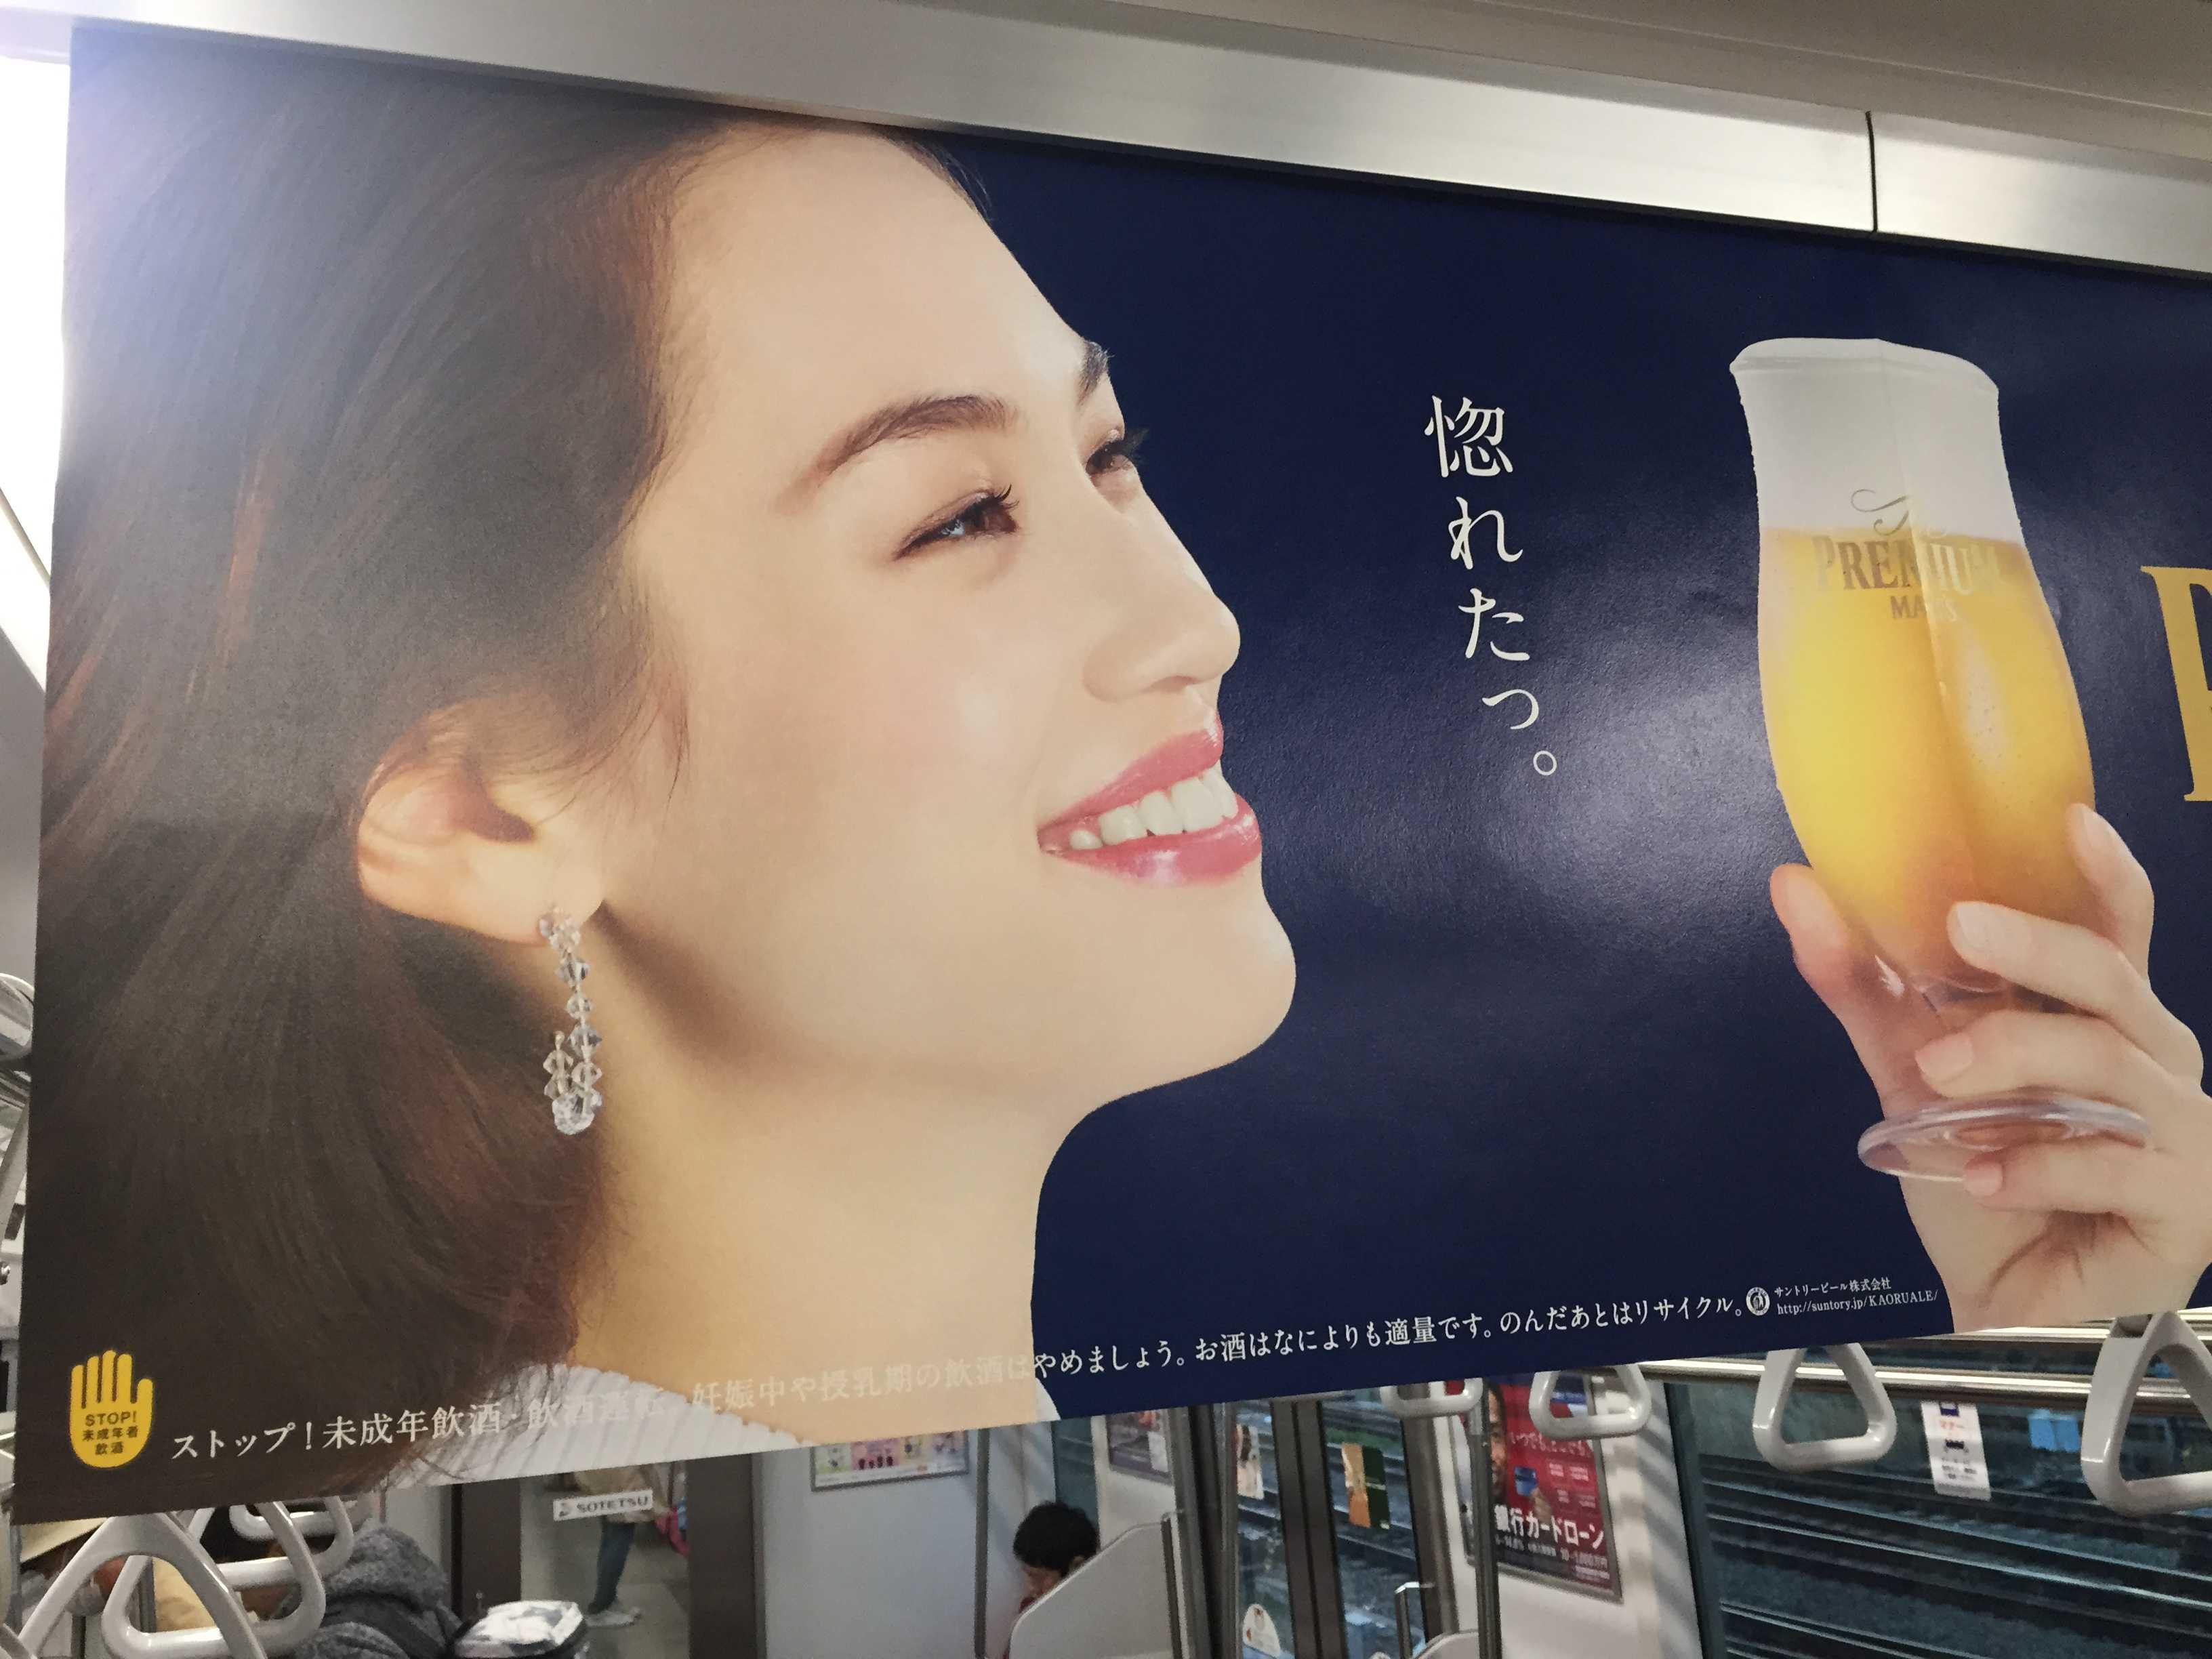 水原希子「ザ・プレミアム・モルツ〈香る〉エール」の中吊り広告